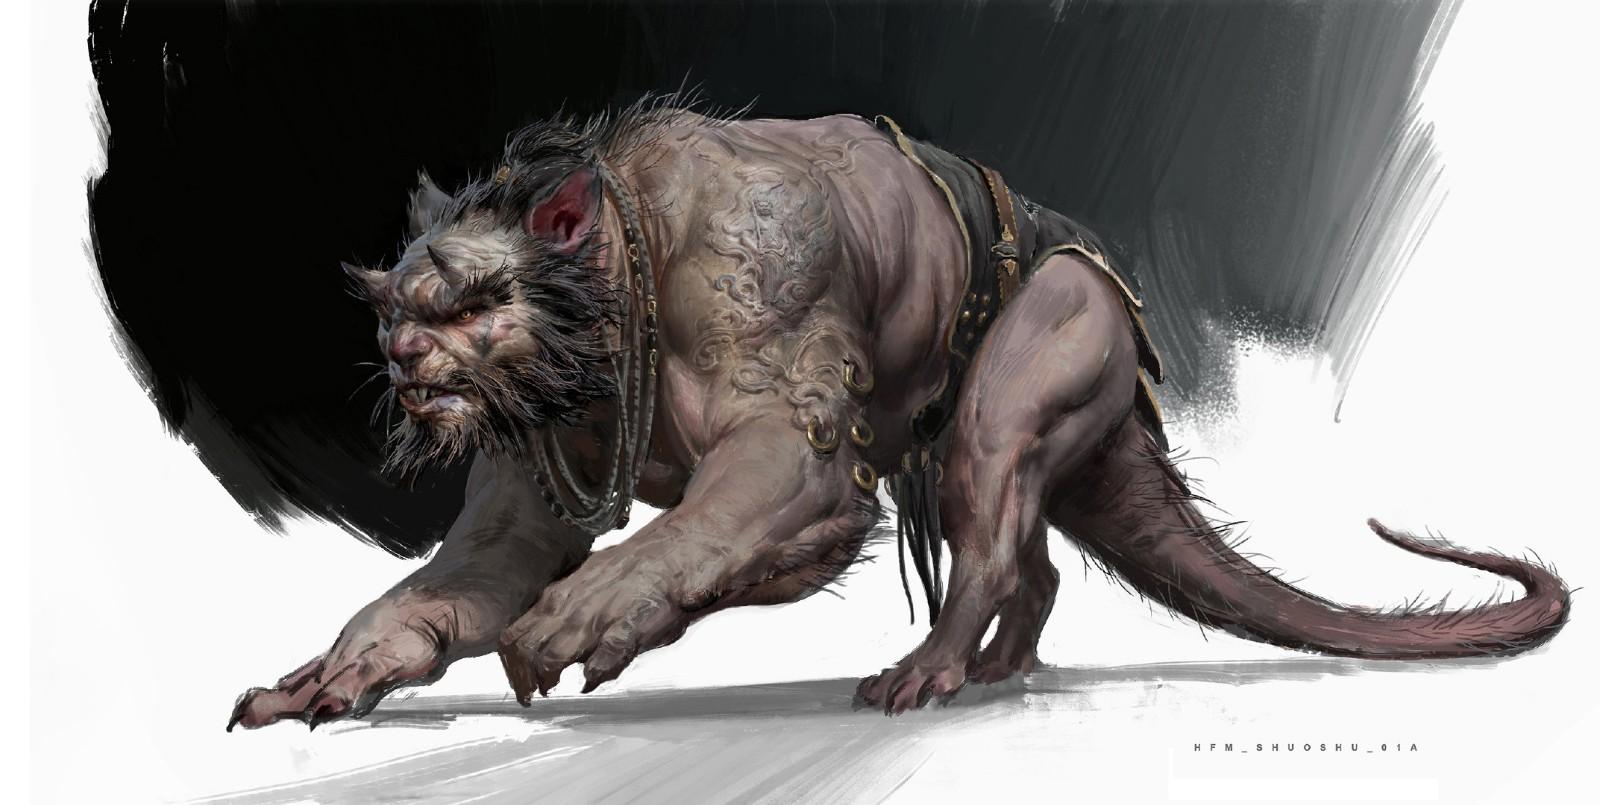 《黑神话:悟空》鼠精原画艺术图 两只老鼠跑得快